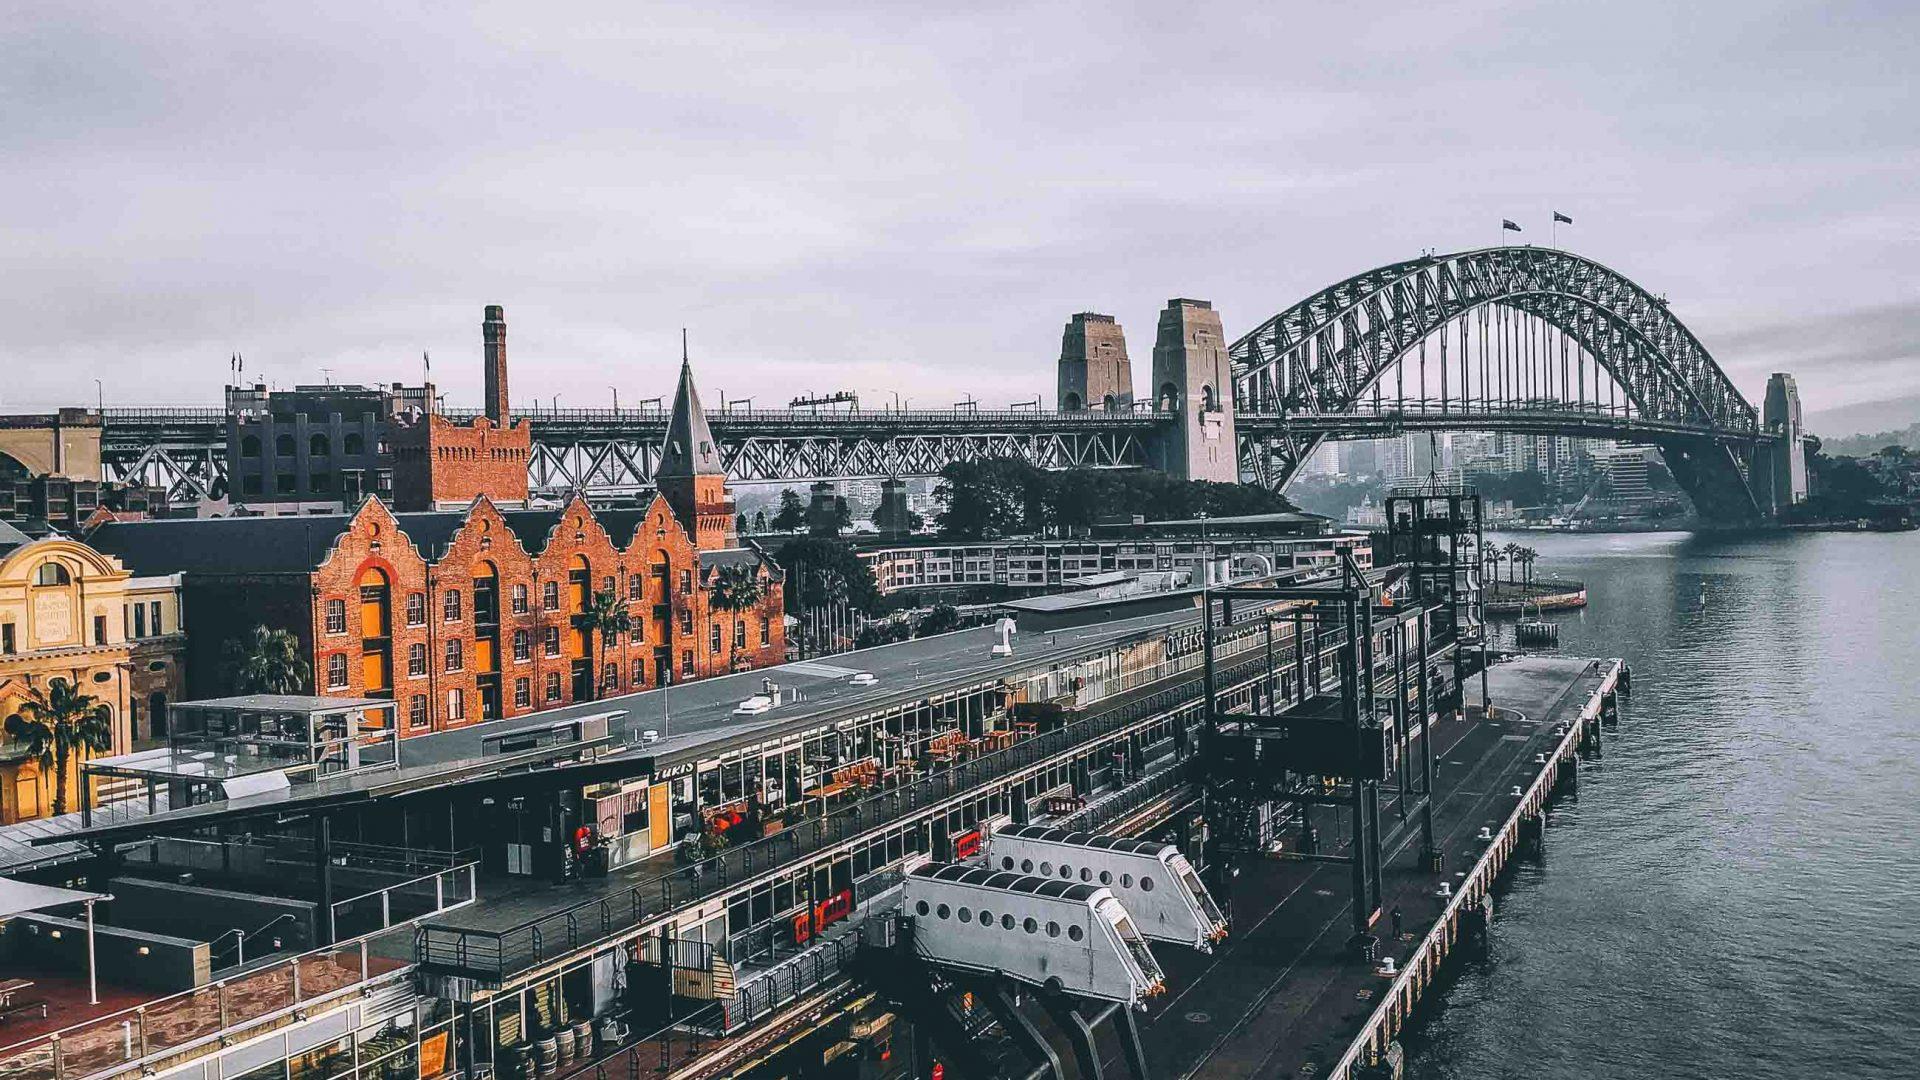 Sydney Harbour Bridge seen in the distance.